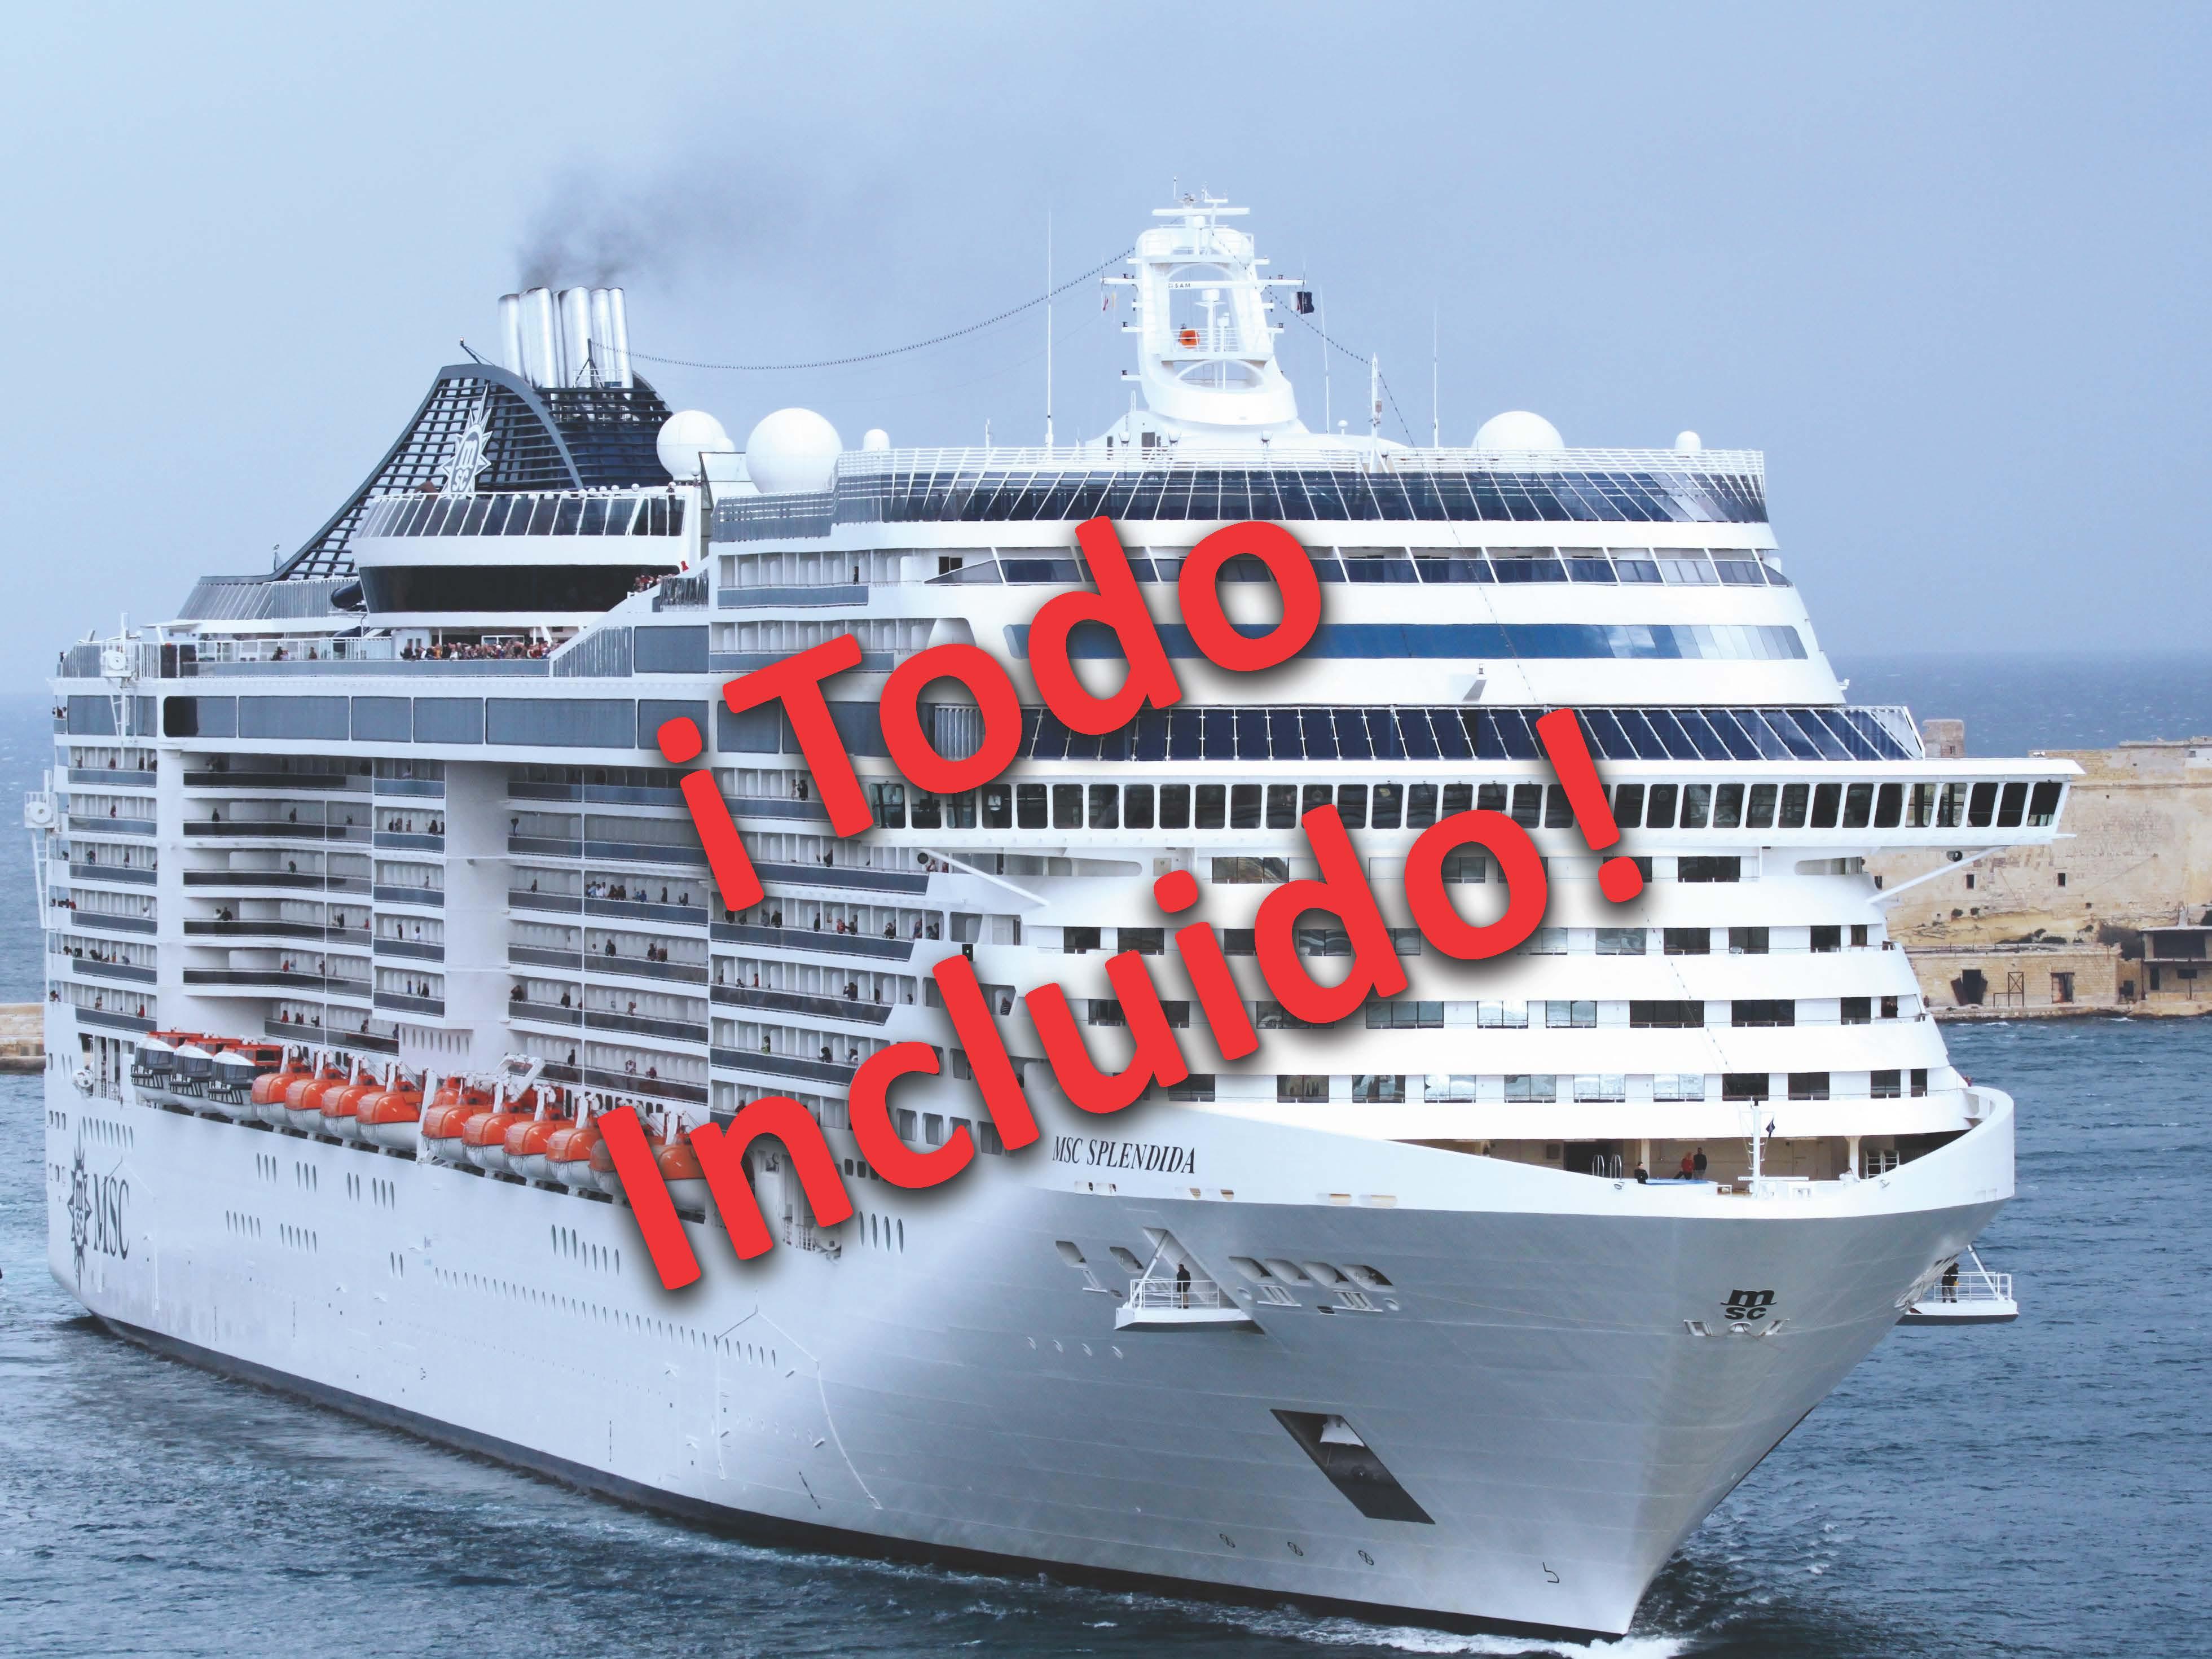 ¡Viaja sin preocupaciones! en un Crucero Todo Incluido